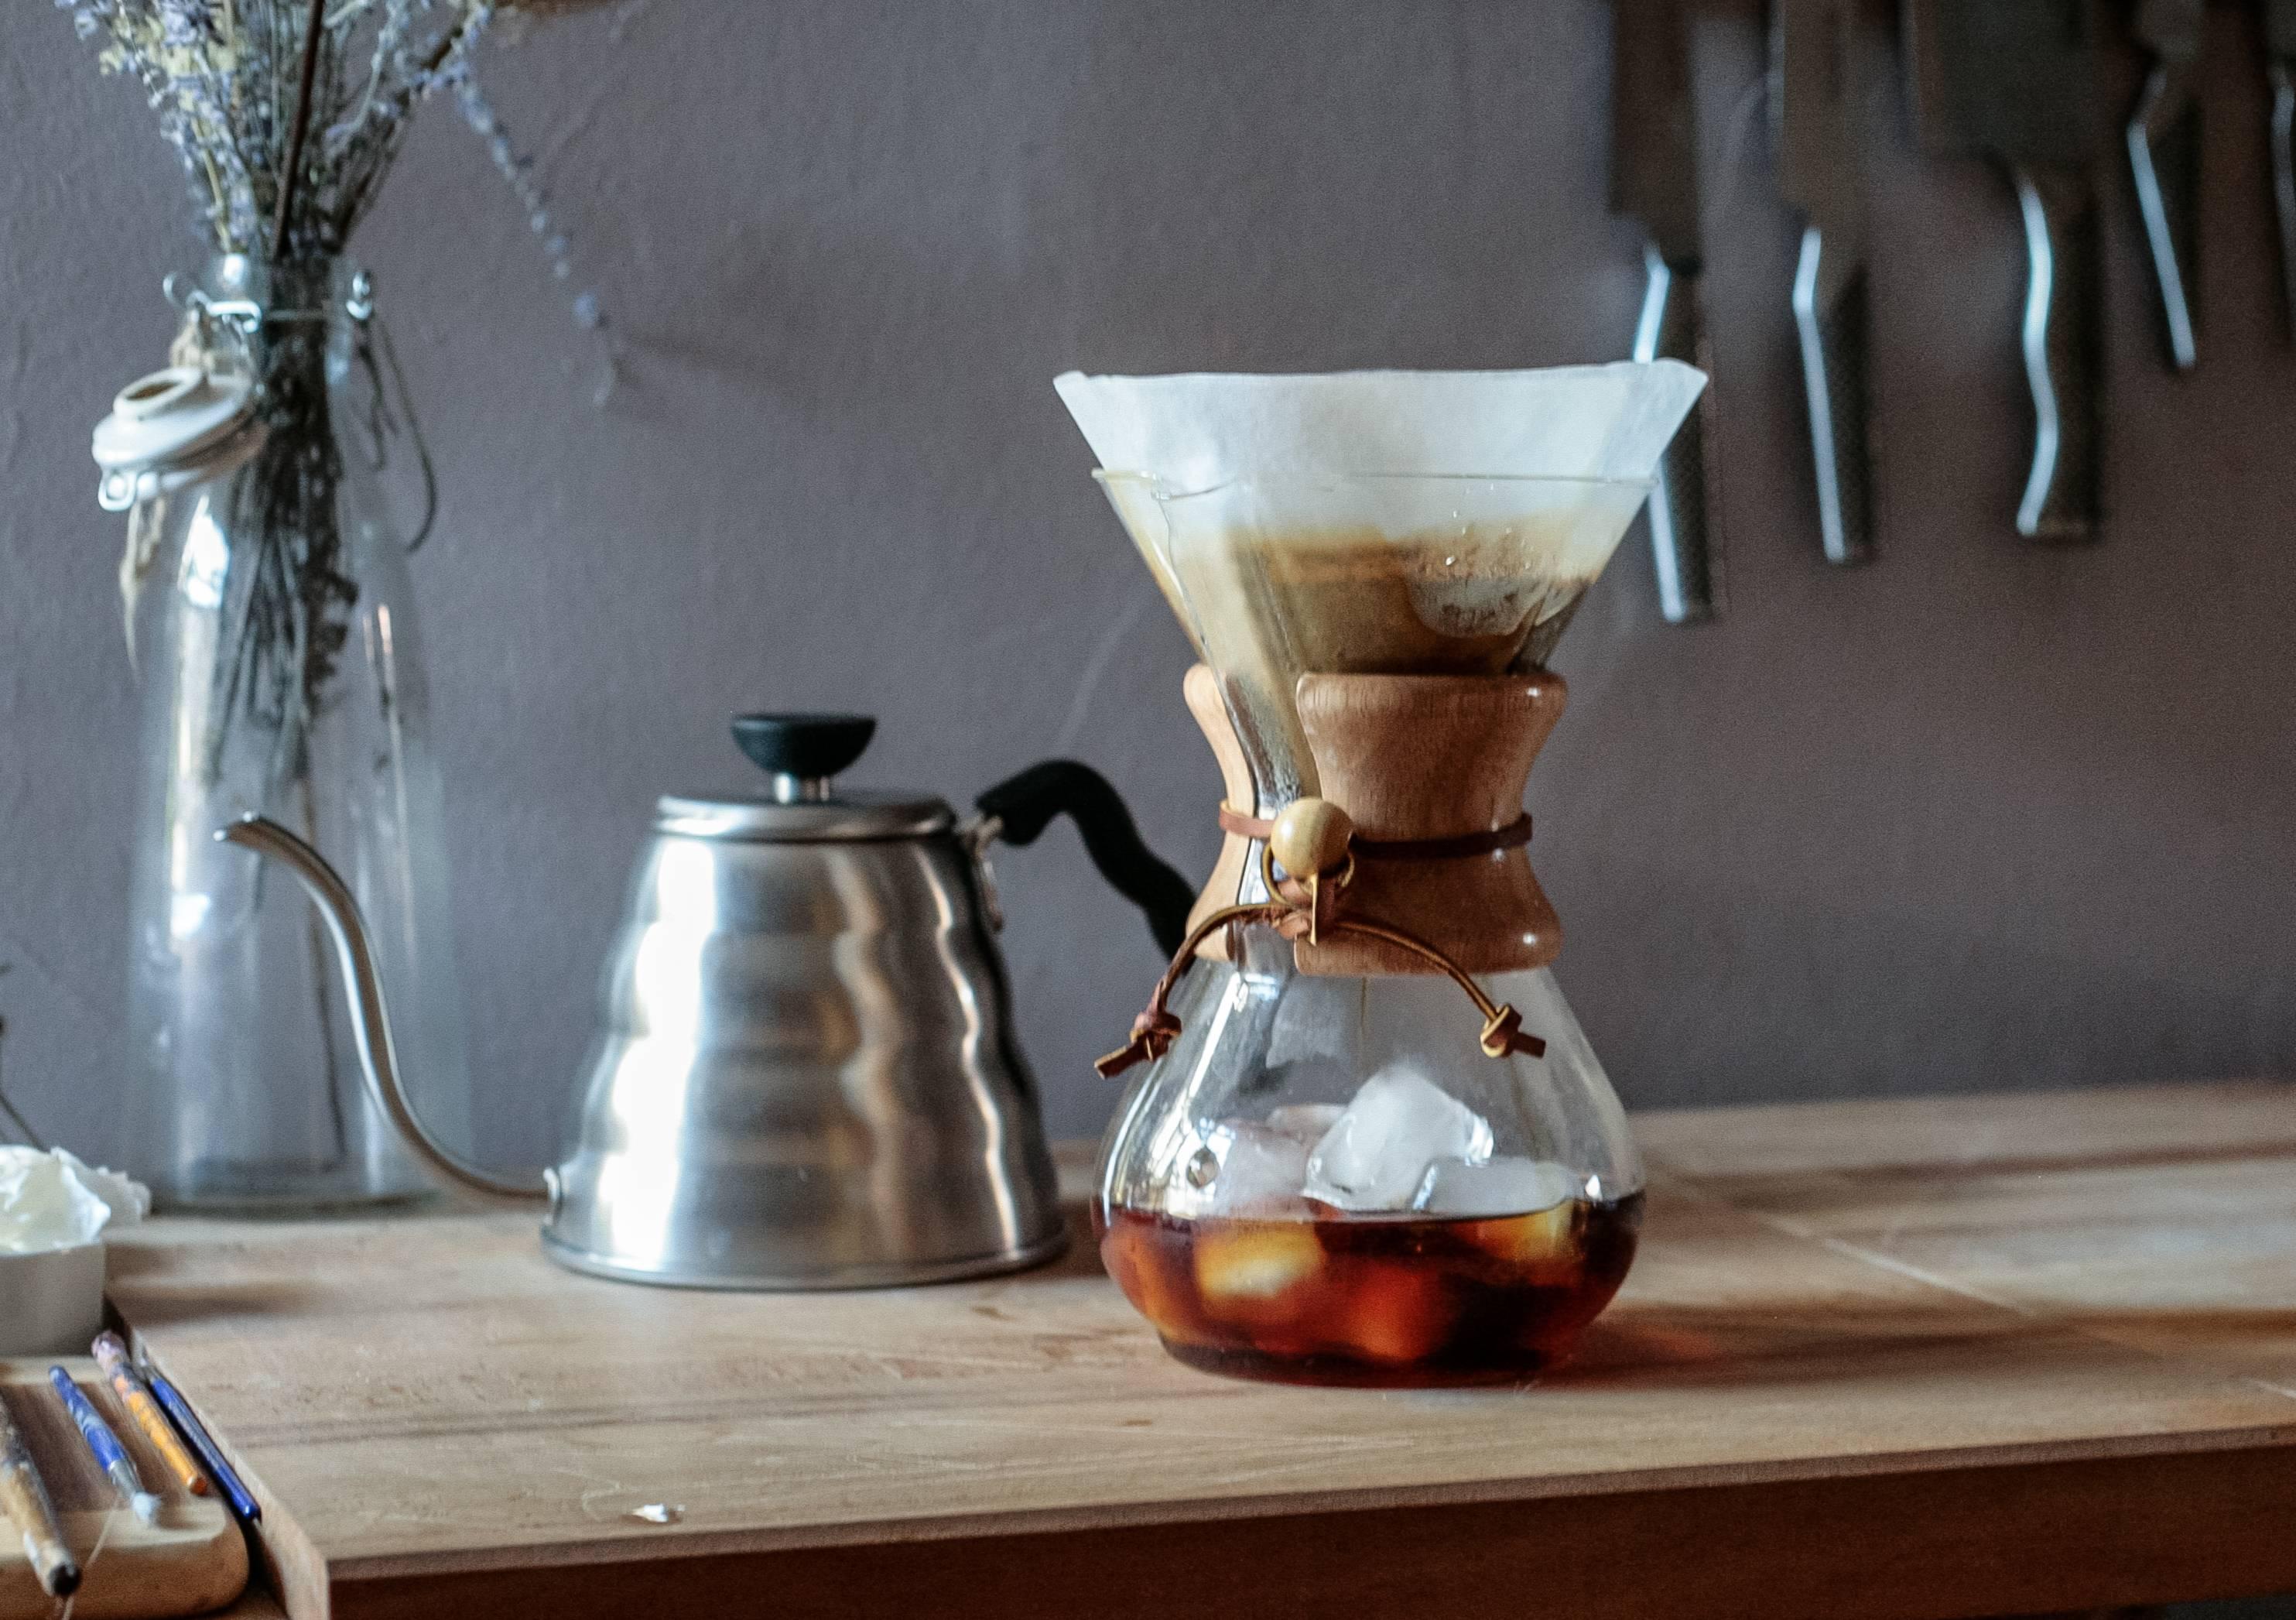 Кемекс (chemex) для кофе - что это такое. как заварить кофе в кемексе